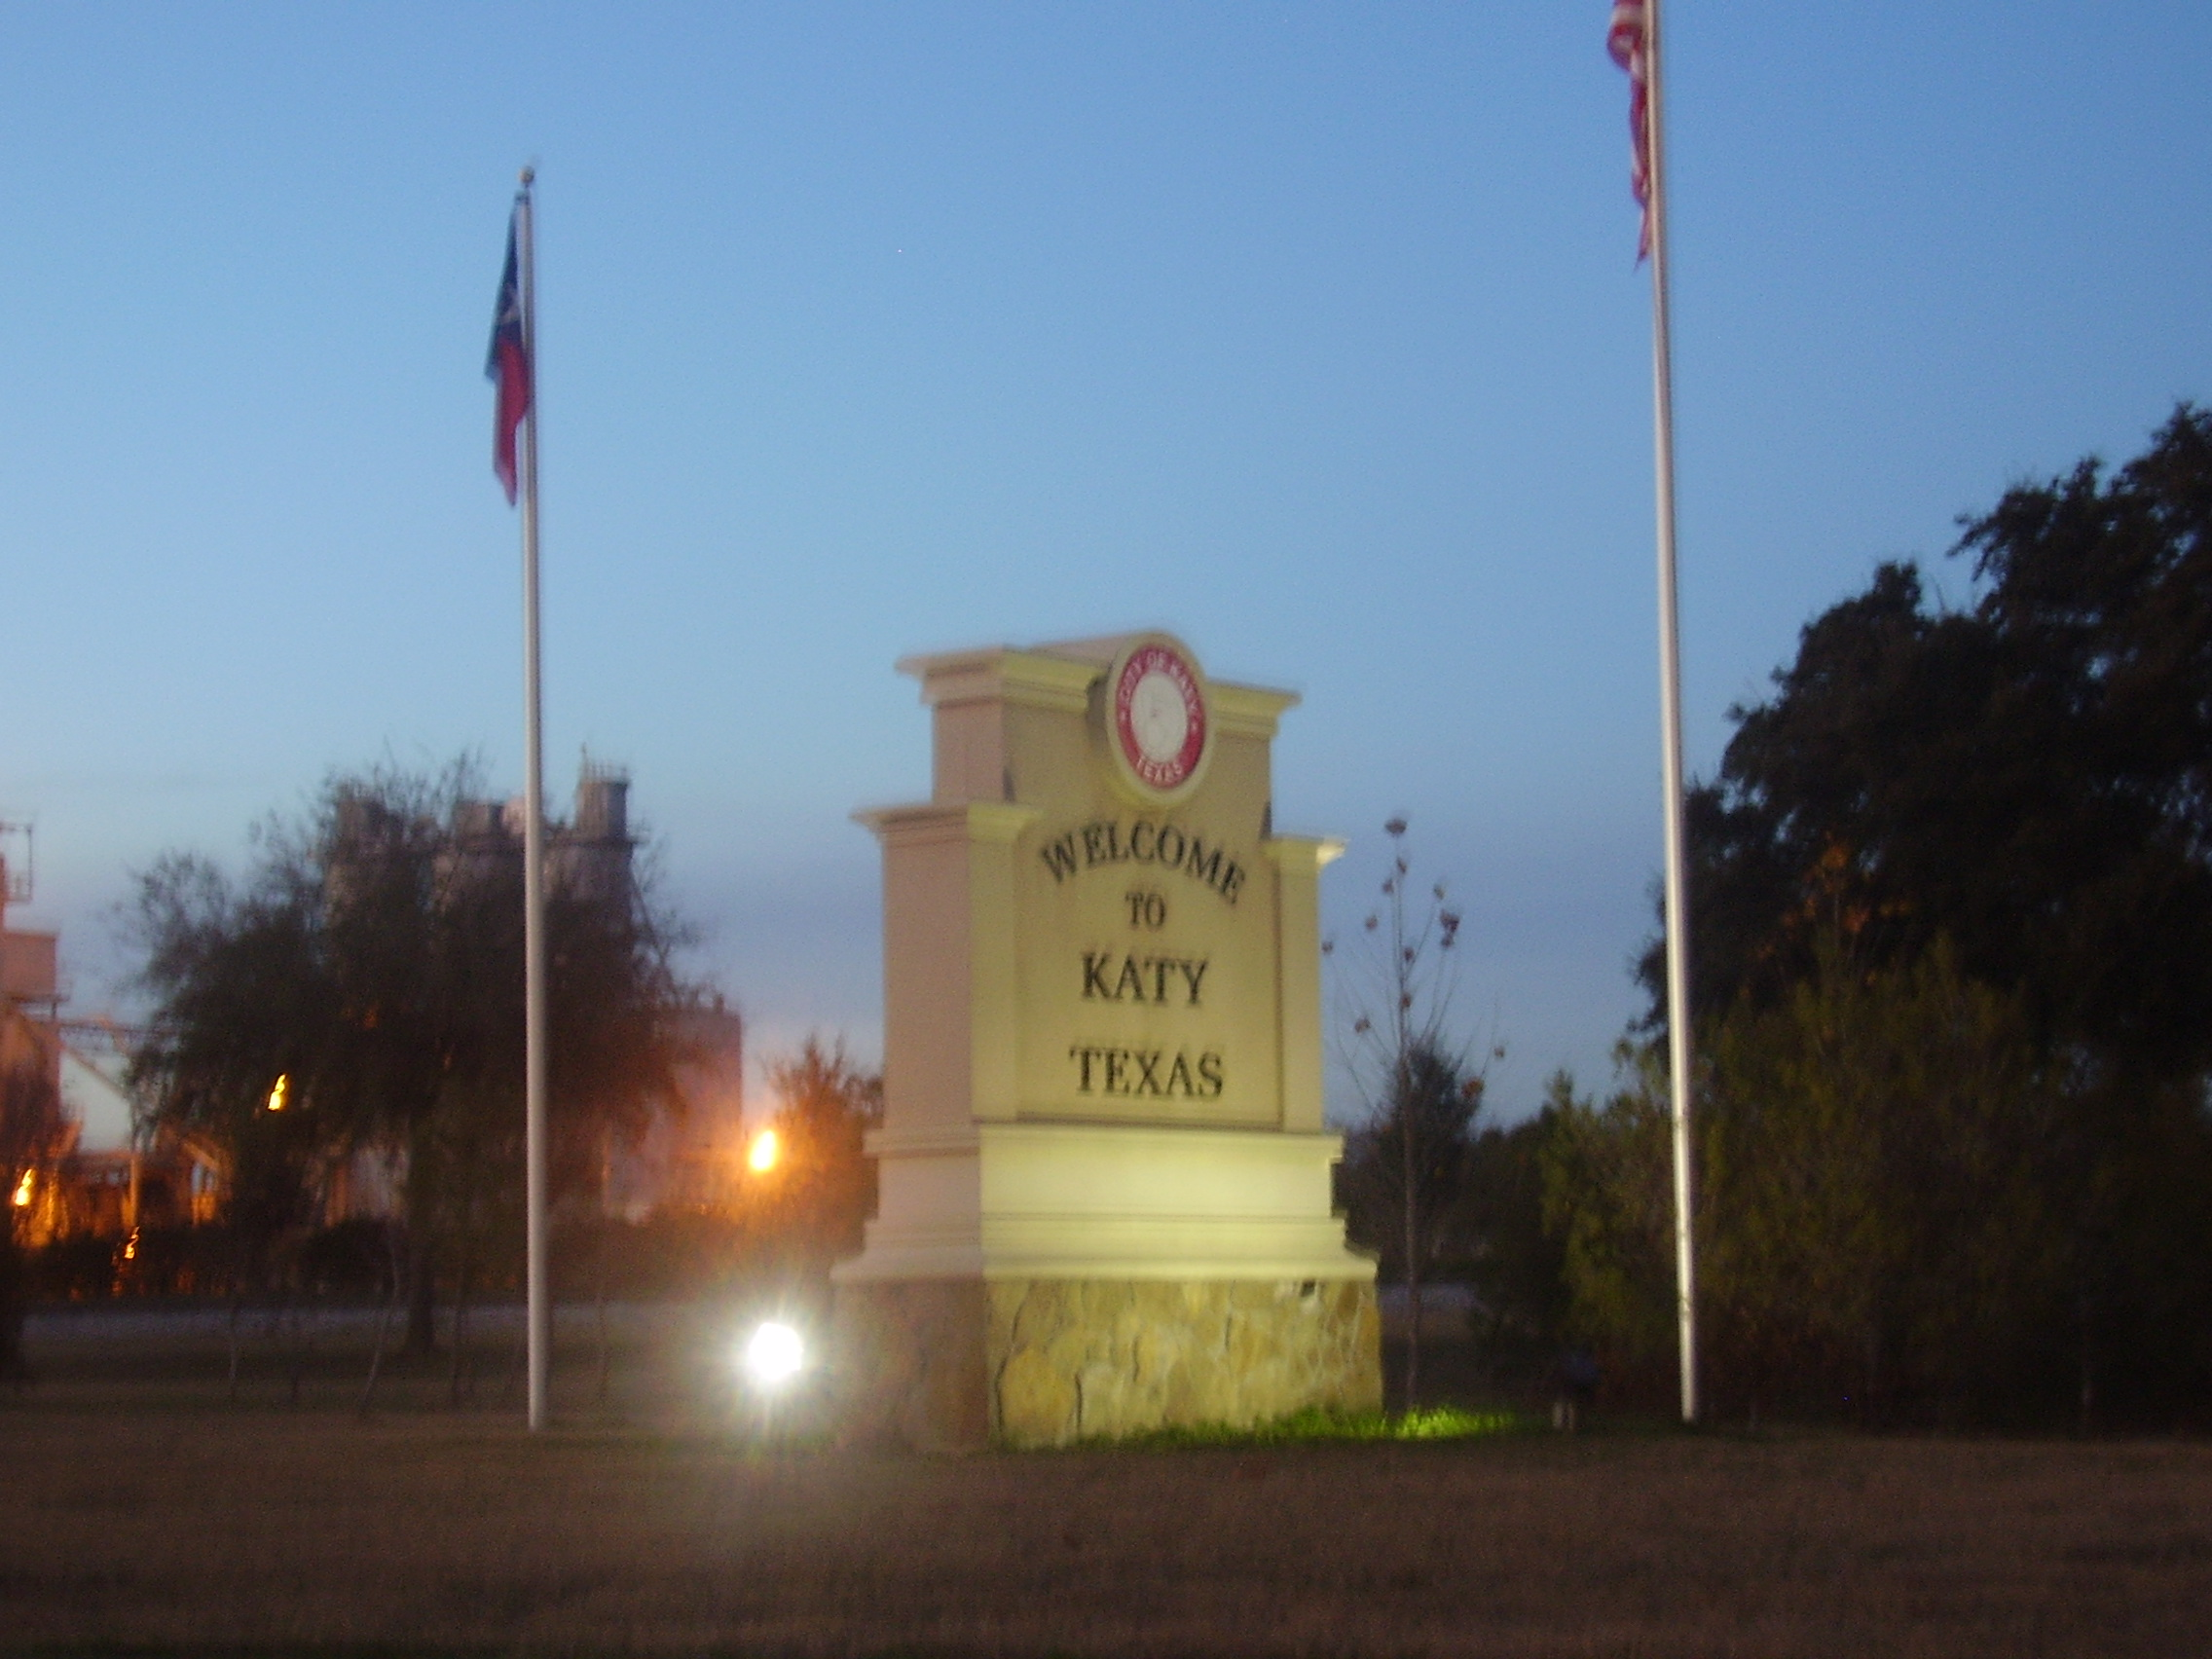 کیتی، تگزاس